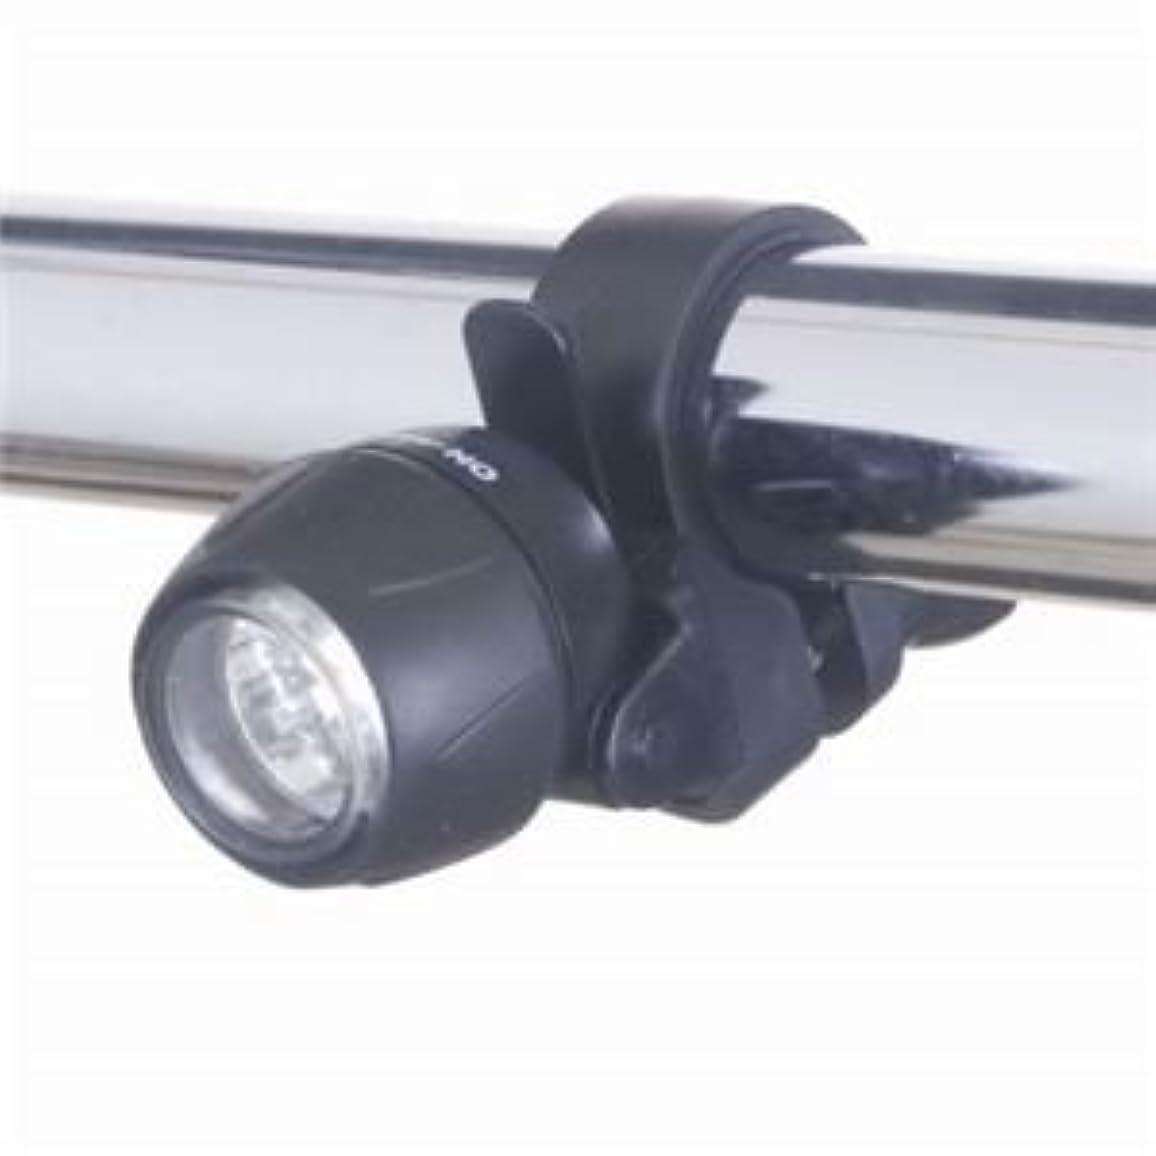 準備する覆すカブ(まとめ)自転車用LEDライト ミニタイプ 日亜製白色LED×3灯 ヤザワ LB101BK【×5セット】